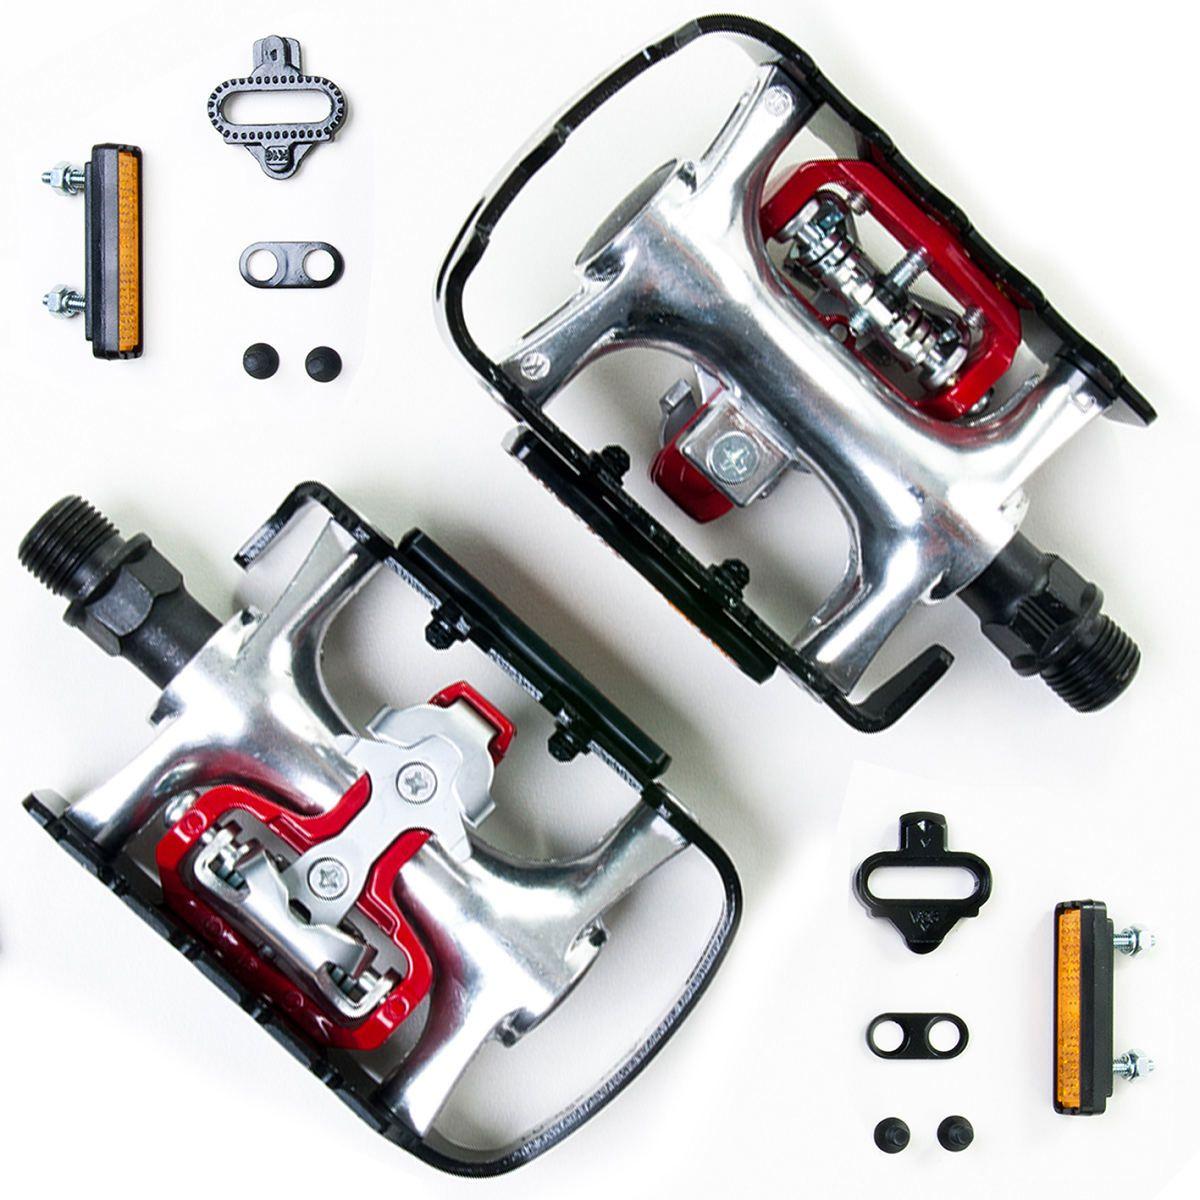 PEDAL CLIP/PTF MTB, AL, WELLGO 998, 9/16 - B8 Sport Bike